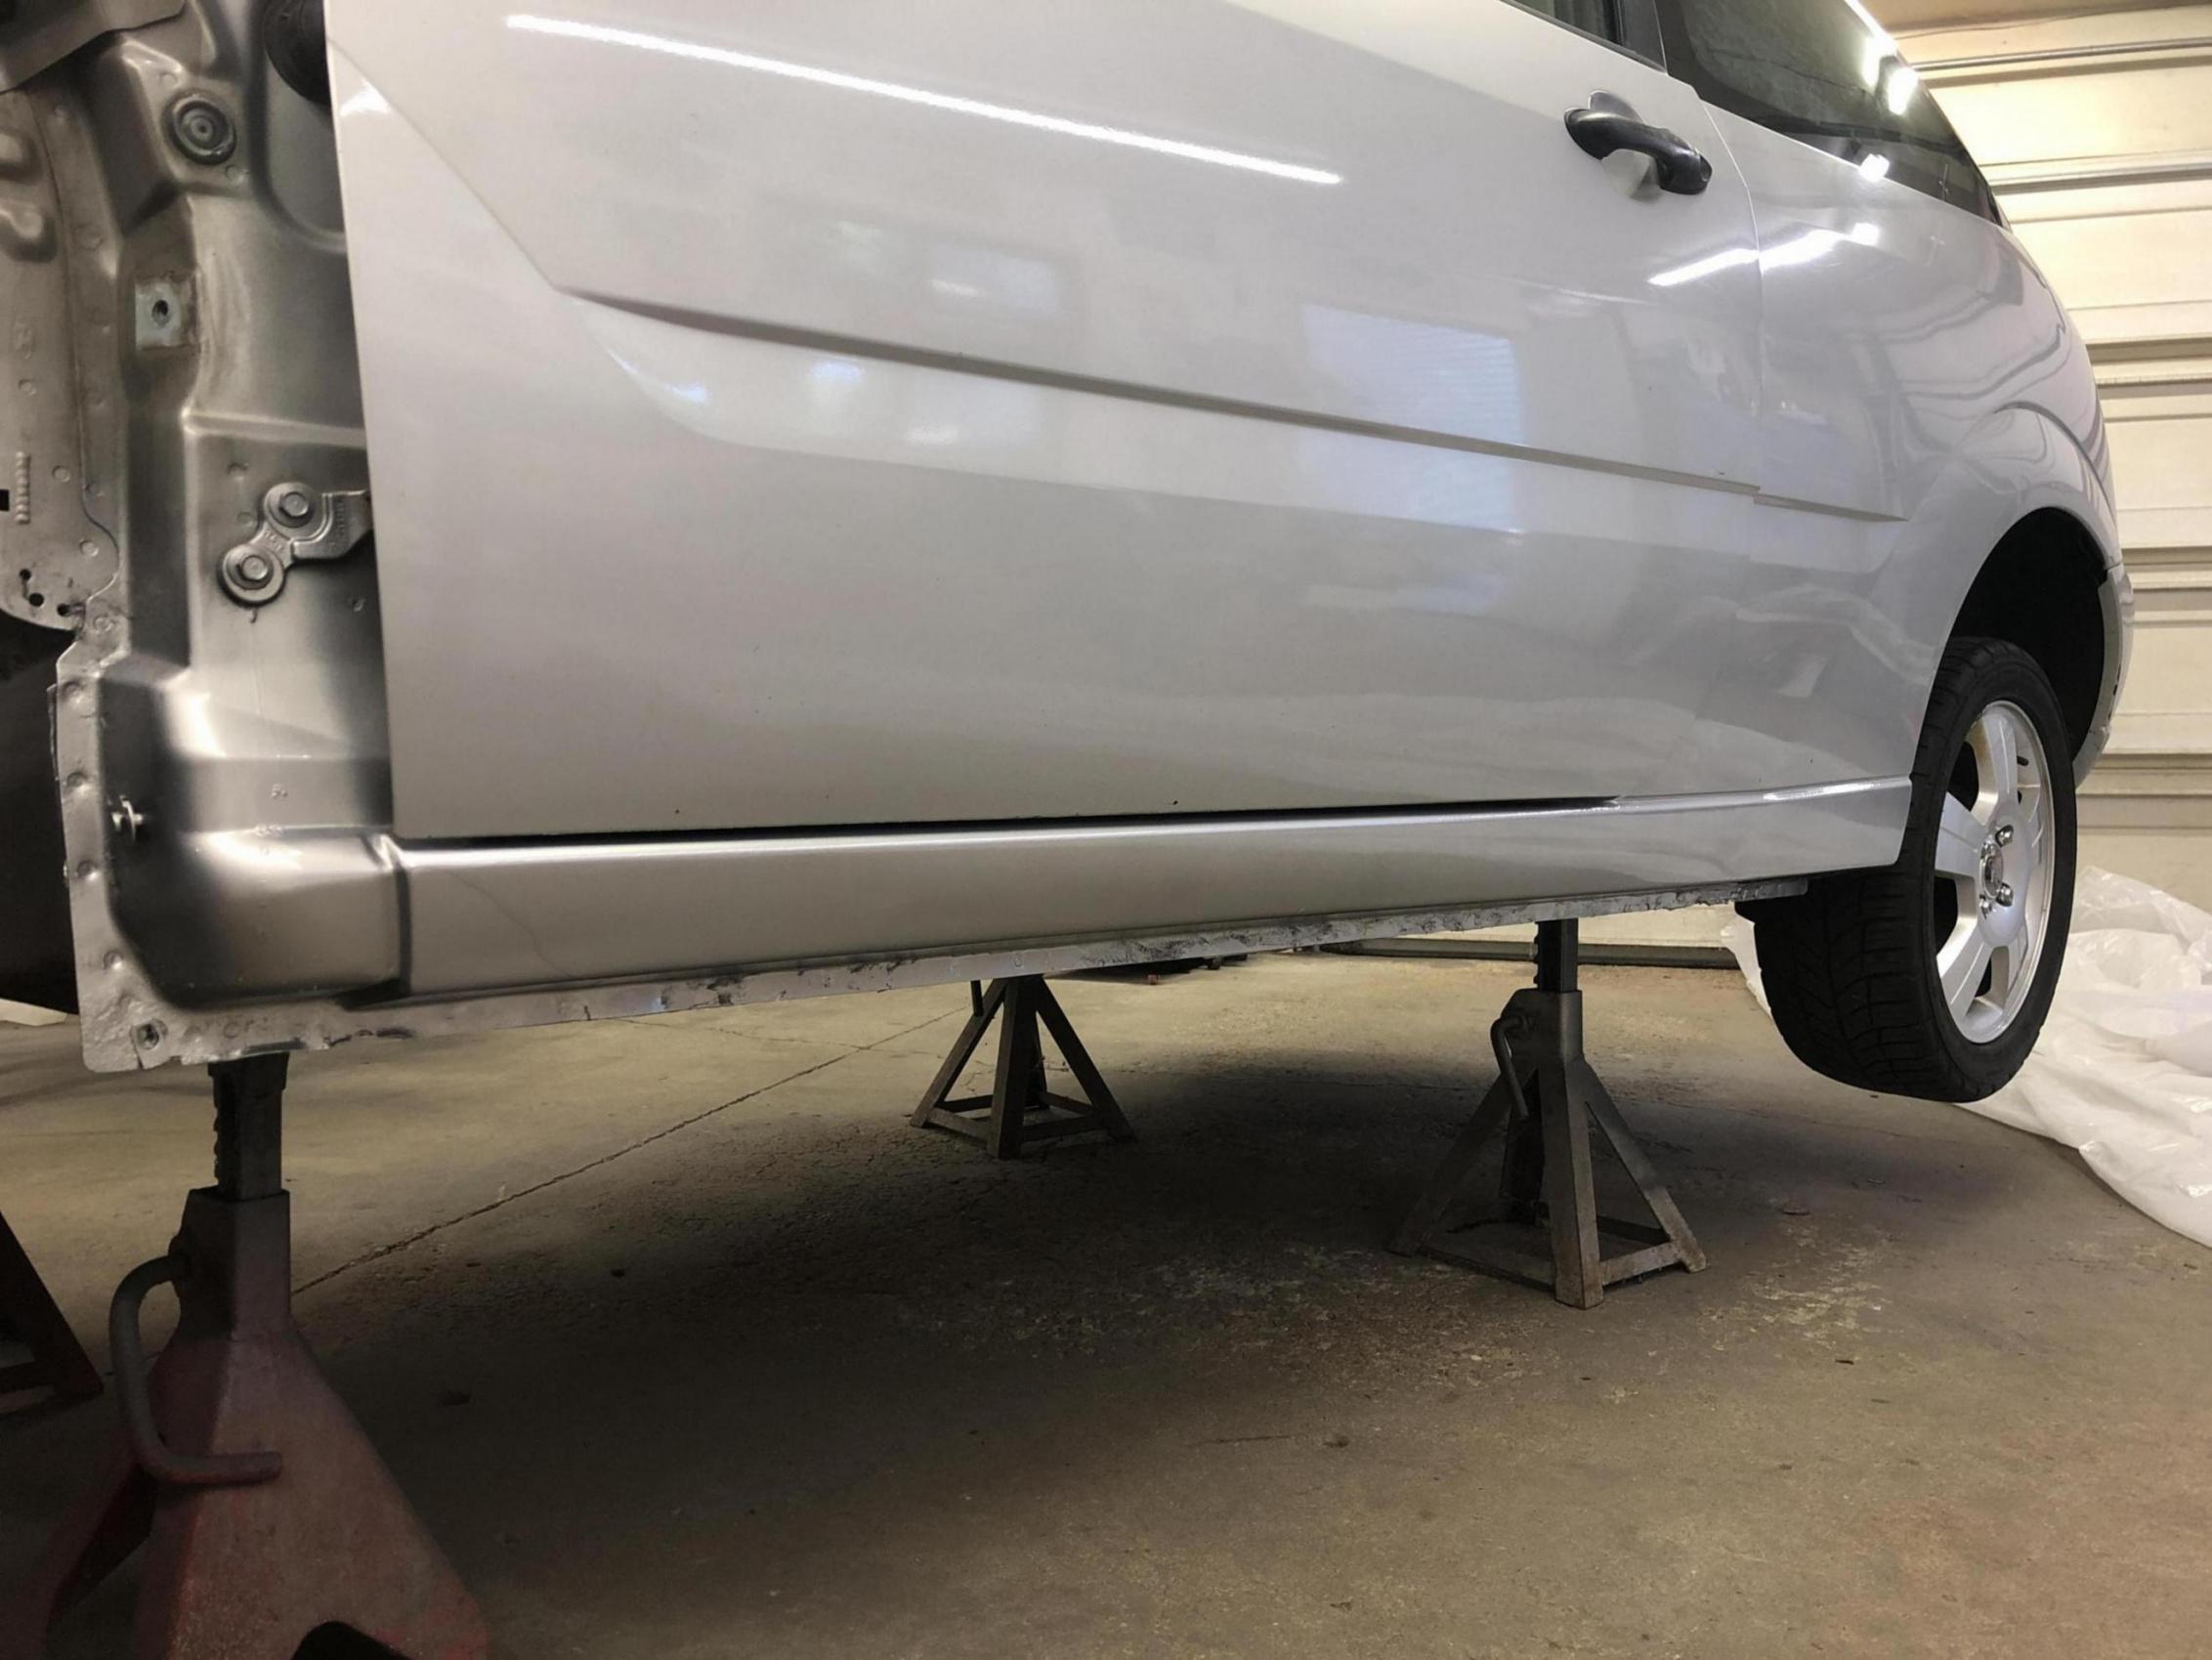 What did you do to your car today? Vol 2.-34829144-c7a7-4988-8098-226af0d4ff98_1563163387384.jpg